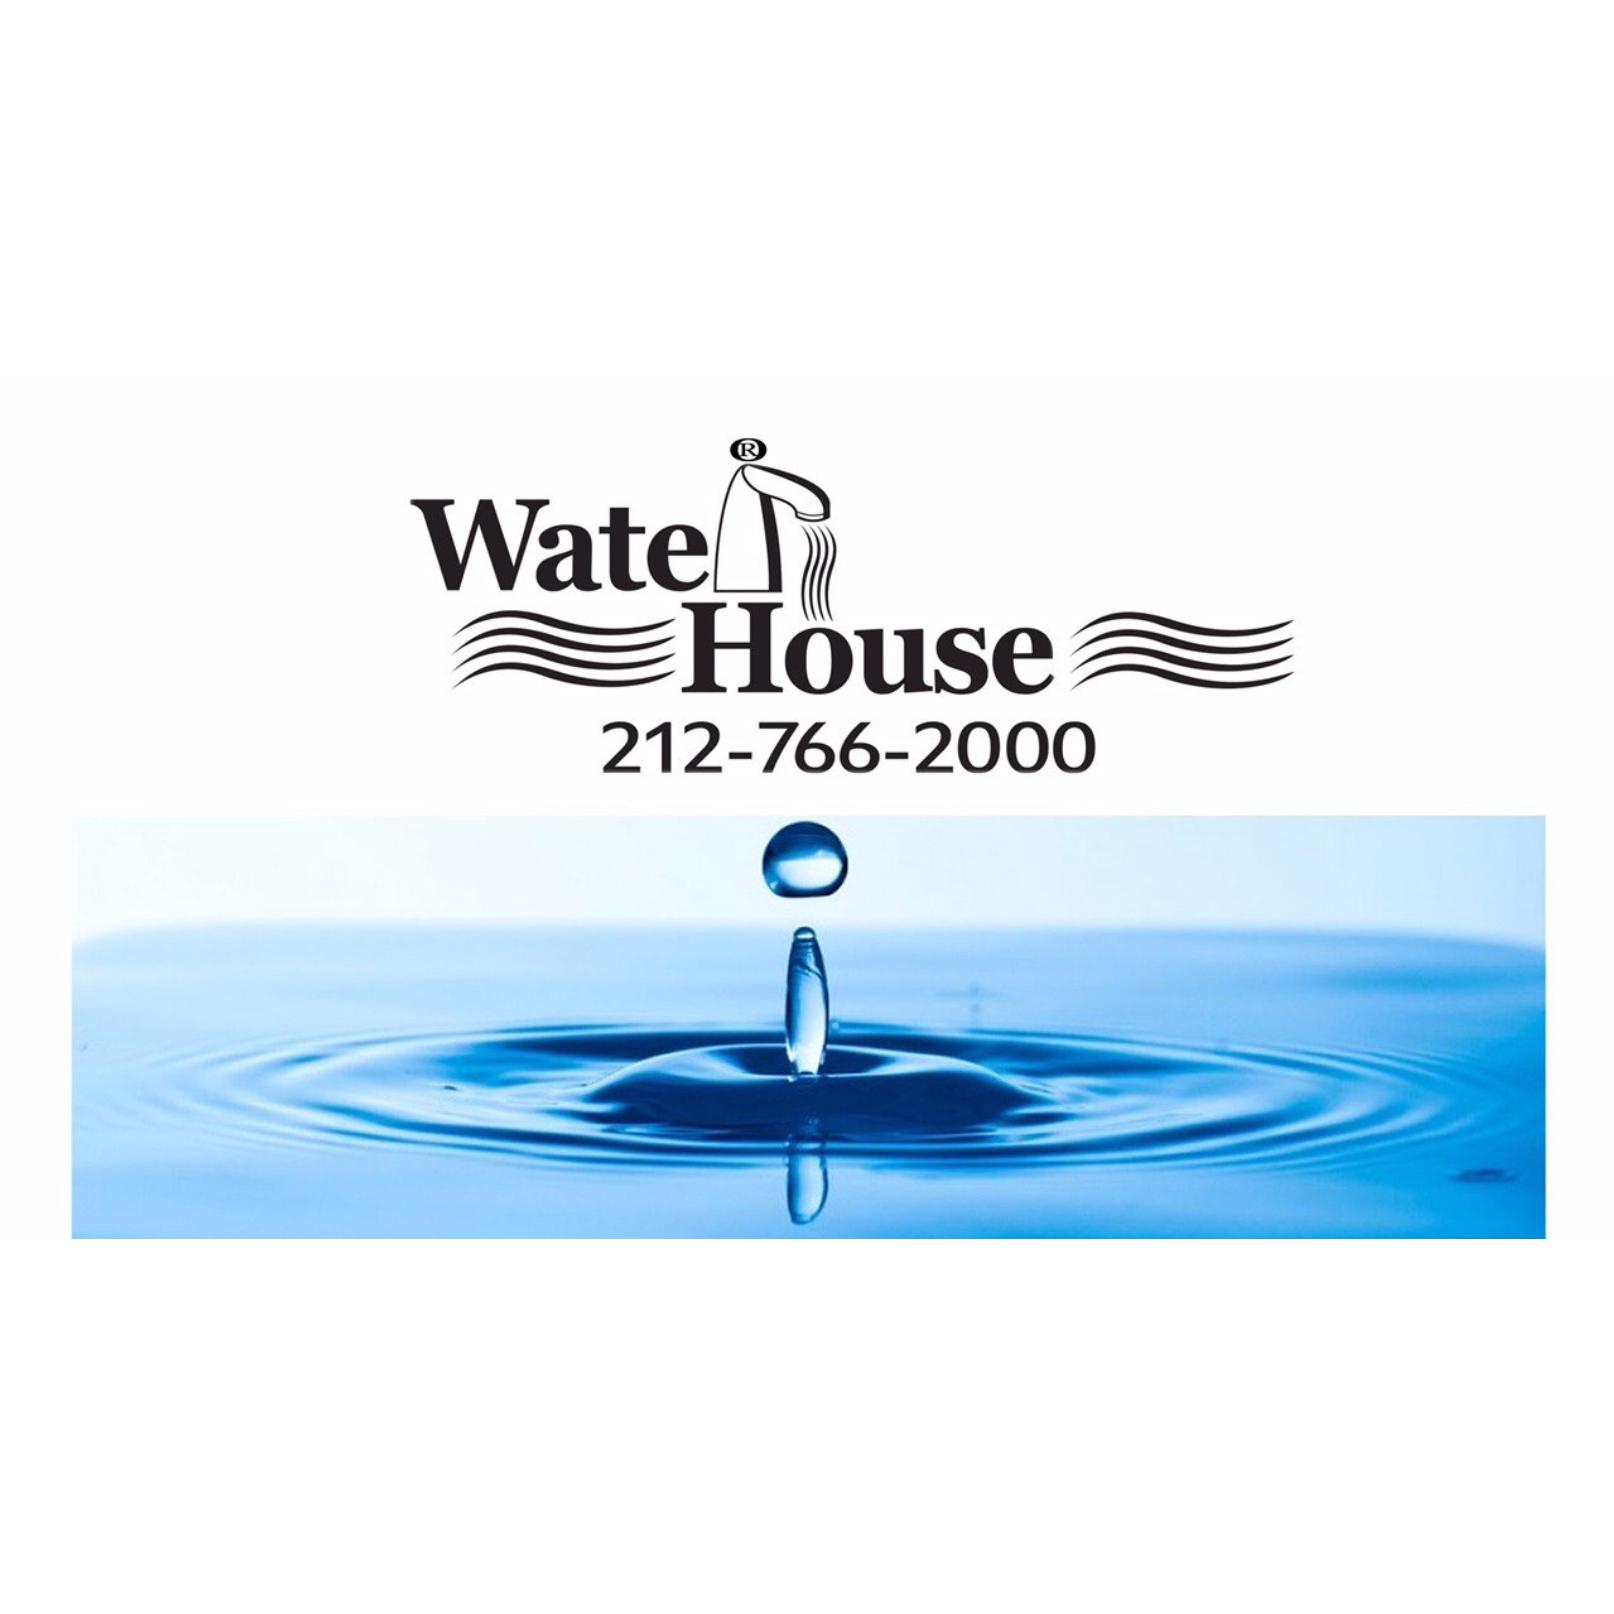 waterhouse plumbing company